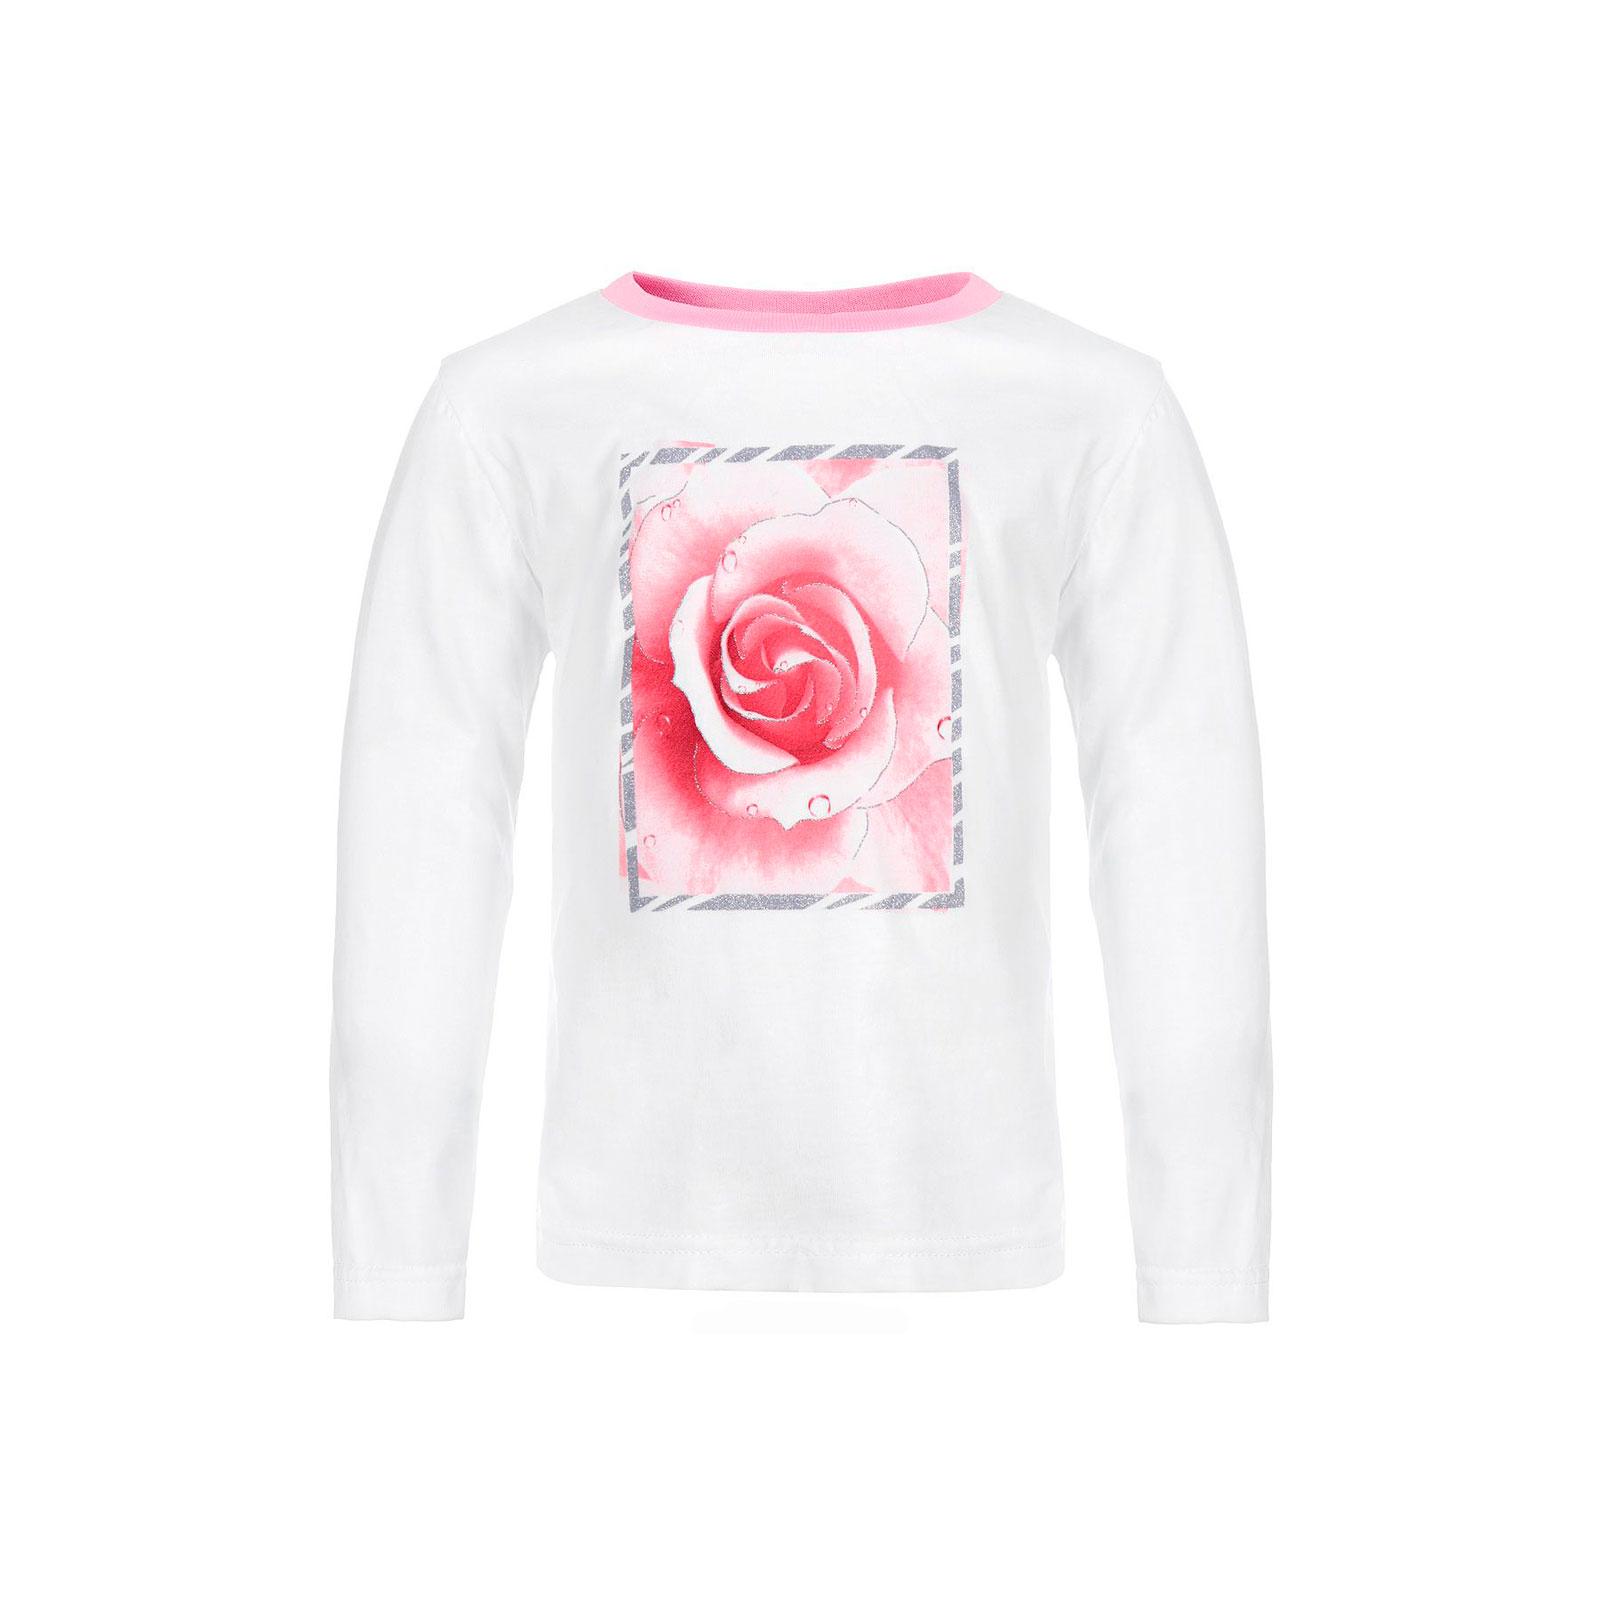 Джемпер Котмаркот Розы рост 92 белый<br>